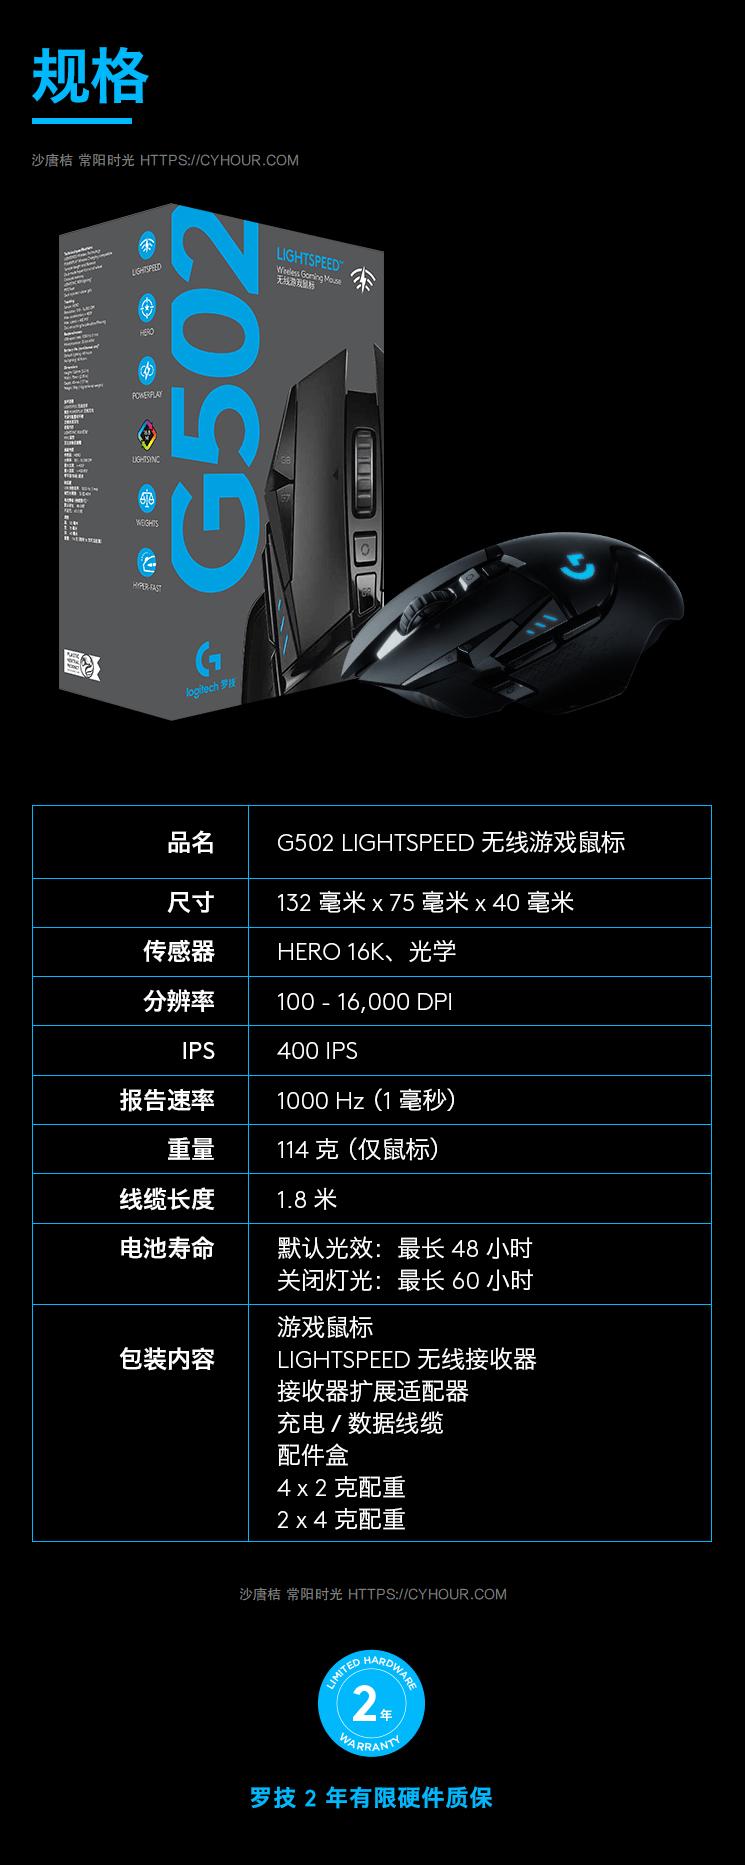 罗技(G) G502 LIGHTSPEED 无线鼠标 游戏鼠标 电竞鼠标 GPW Powerplay 无线充电-垃圾站